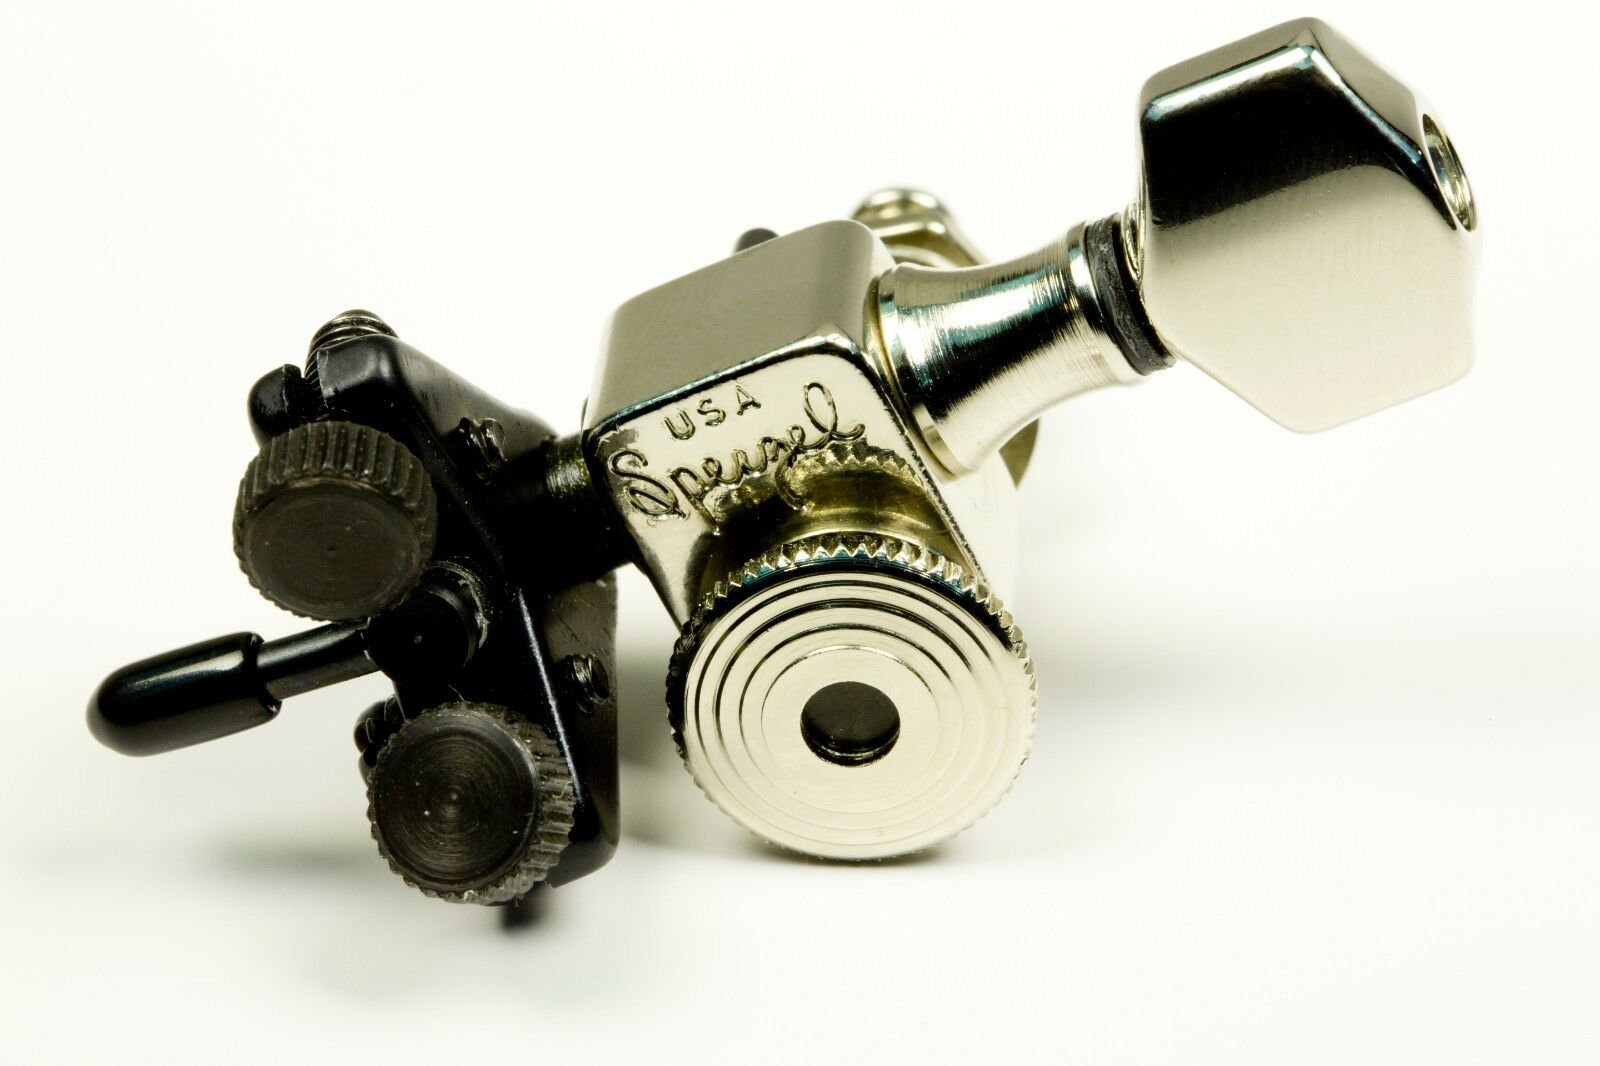 Genuine Sperzel Trimlok D Thing Niquelado Niquelado Niquelado Sintonizador Nuevo Drop D Distribuidor Autorizado 4cf065